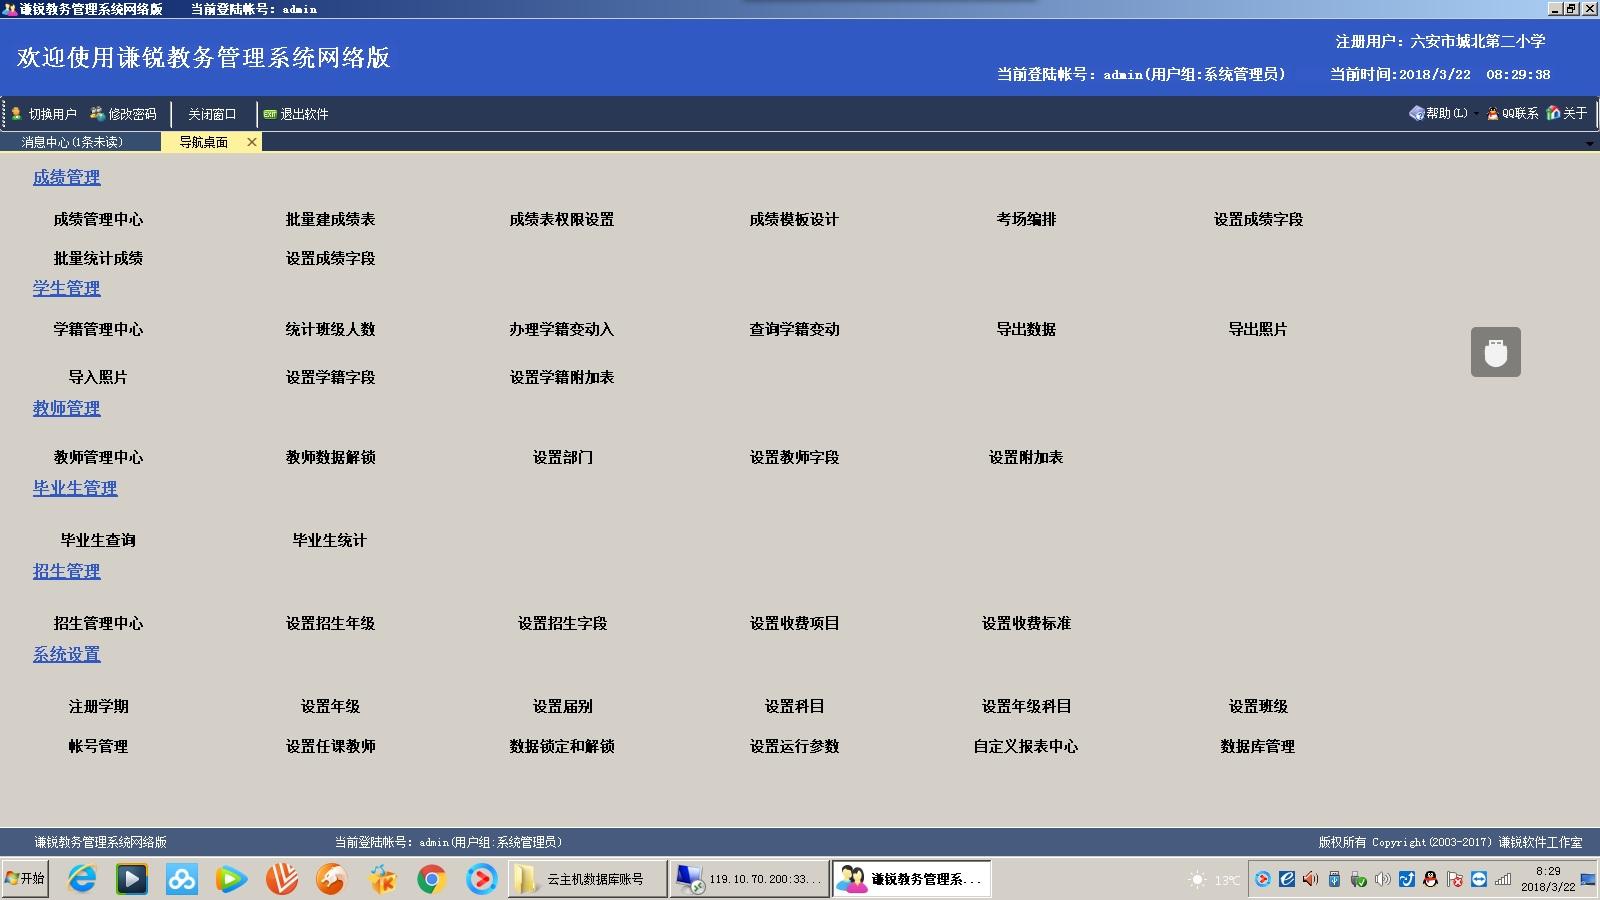 谦锐教务管理系统网络版